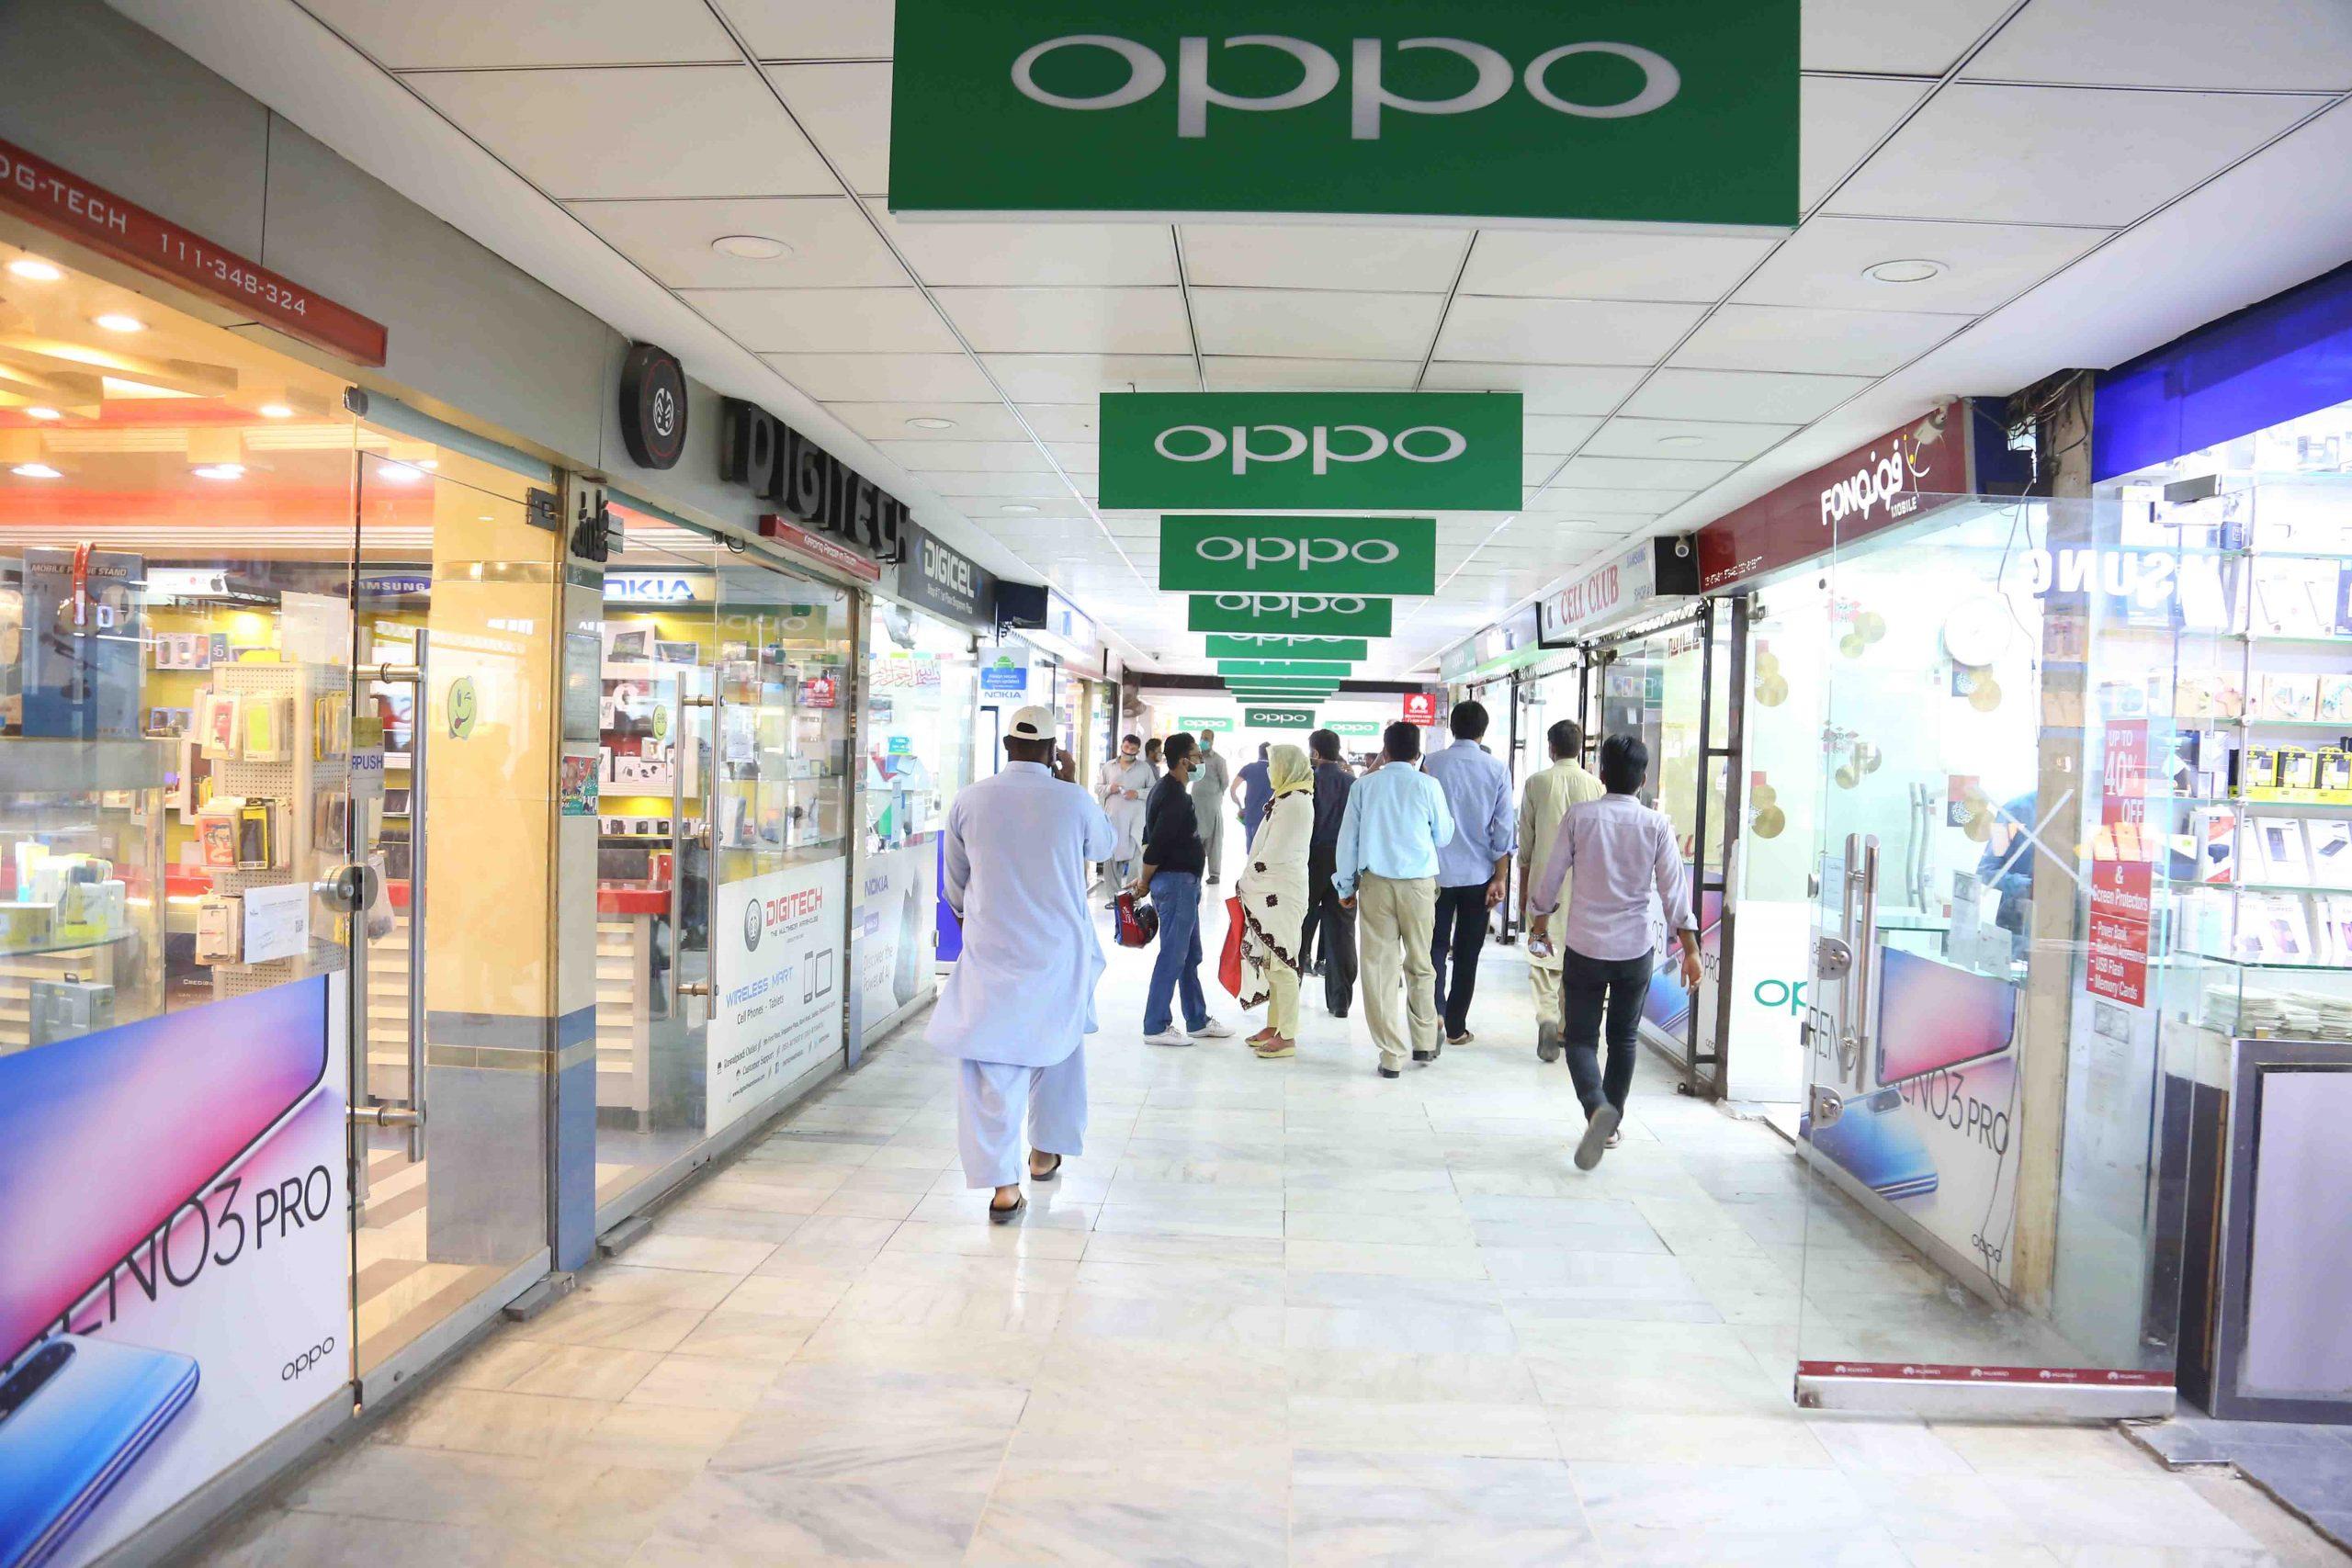 Singapore Plaza Saddar Rawalpindi Interior Views - FAH33M (8) - Q-L0-BO